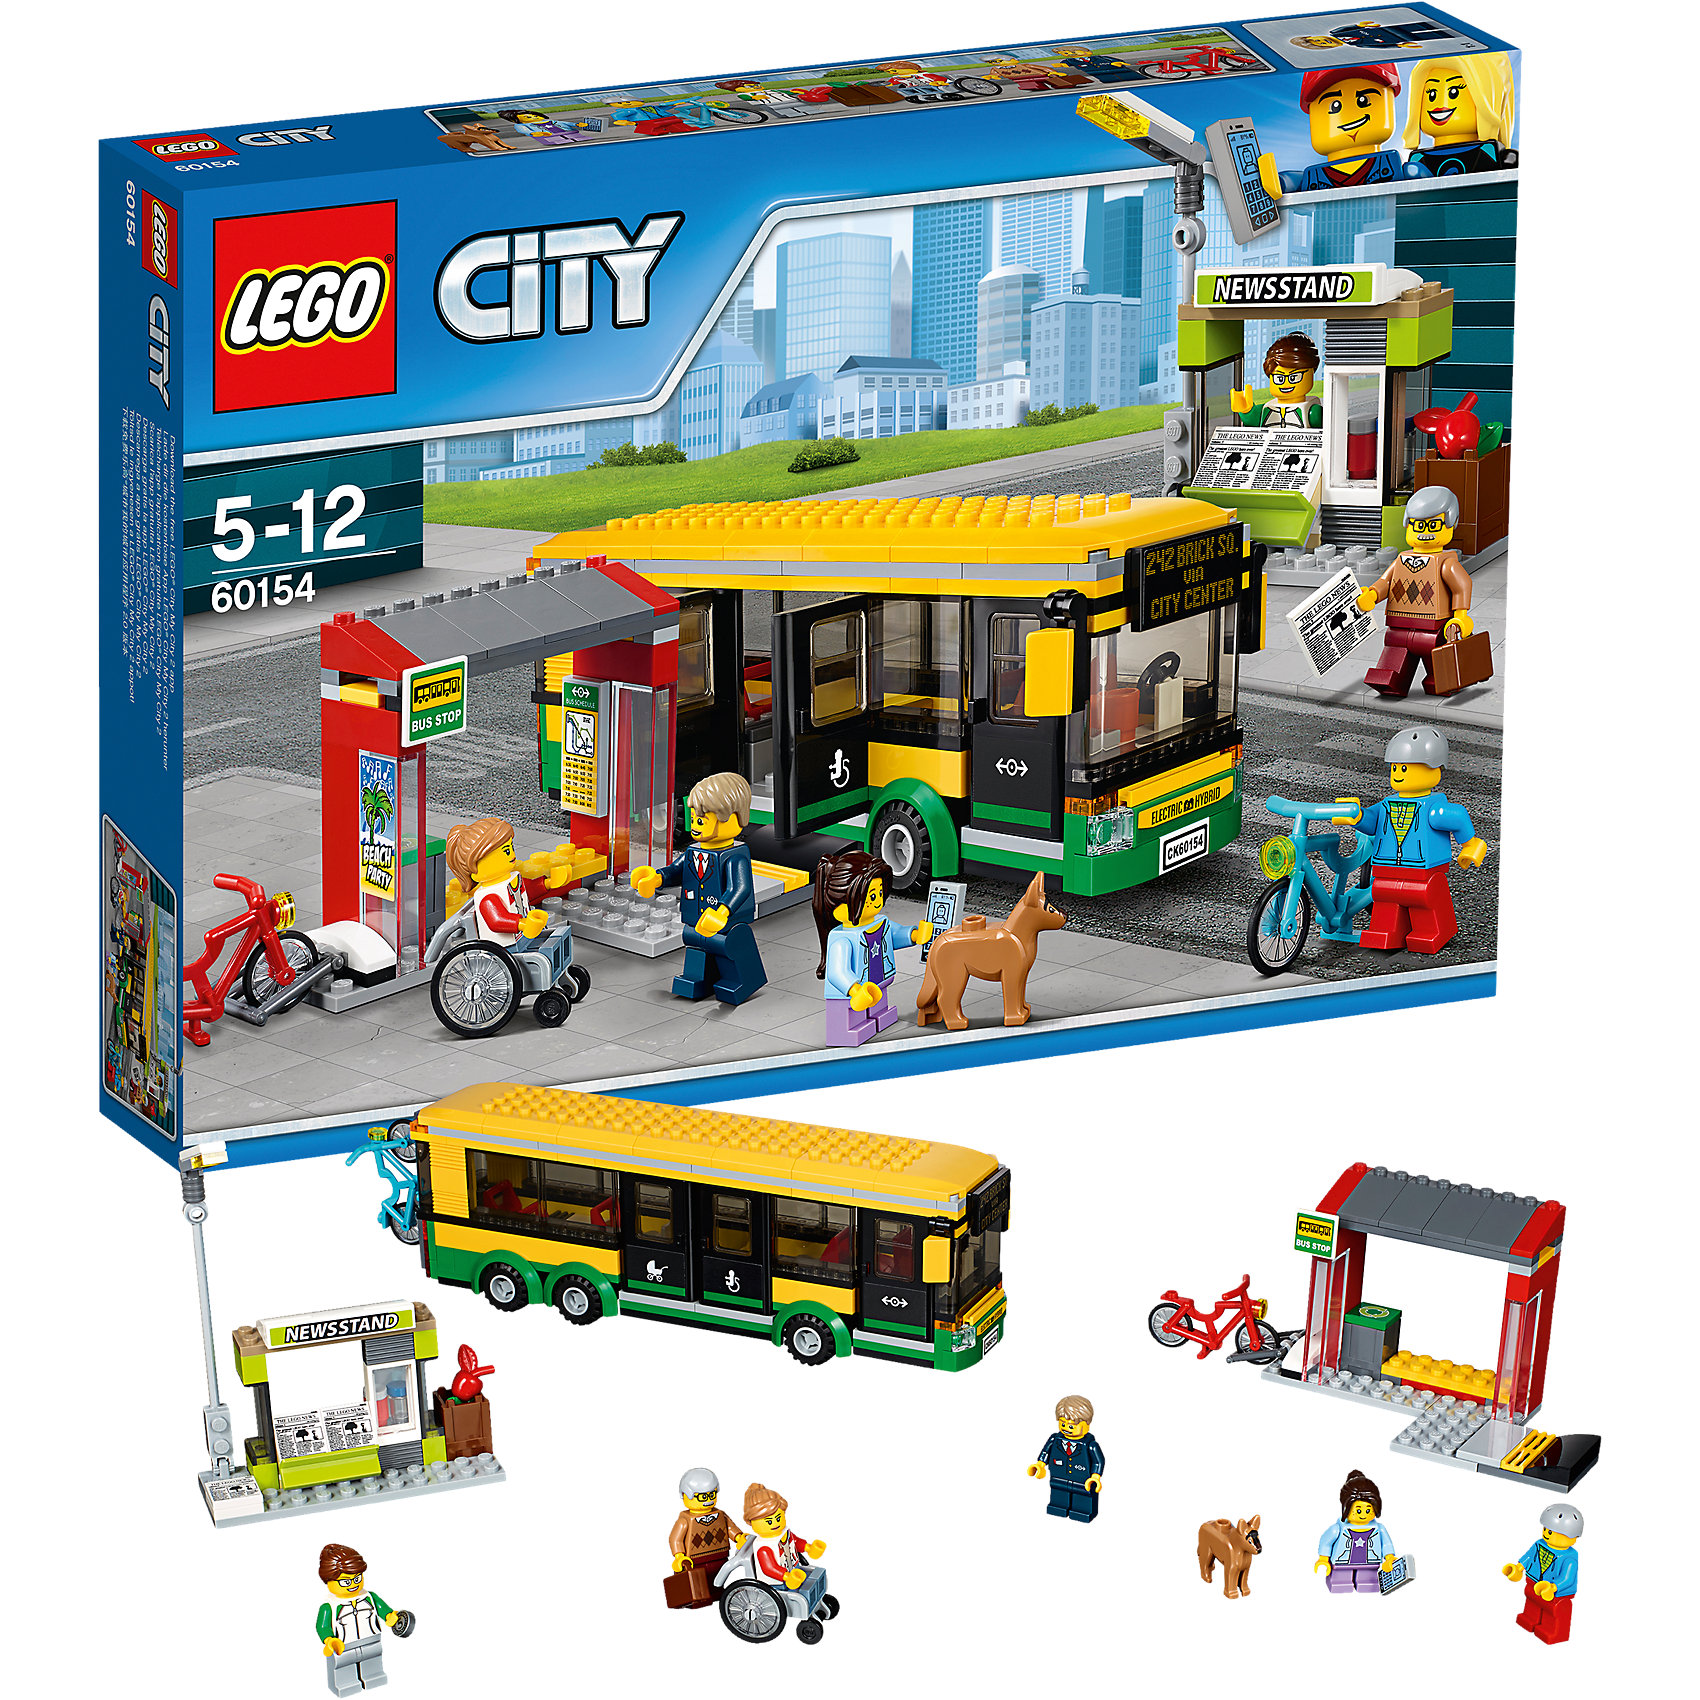 LEGO City 60154: Автобусная остановкаПластмассовые конструкторы<br>Характеристики товара: <br><br>• возраст: от 5 лет;<br>• материал: пластик;<br>• в комплекте: 337 деталей, 6 минифигурок, фигурка собачки;<br>• размер упаковки: 26,2х38,2х5,7 см;<br>• вес упаковки: 660 гр.;<br>• страна производитель: Чехия.<br><br>Конструктор Lego City «Автобусная остановка» позволит собрать остановку, автобус и газетный киоск. Колеса автобуса вращаются, двери открываются, внутри несколько посадочных мест. Сбоку от остановки расположена парковка для велосипедов. Внутри самой остановки — расписание автобусов.<br><br>Конструктор Lego City «Автобусная остановка» можно приобрести в нашем интернет-магазине.<br><br>Ширина мм: 384<br>Глубина мм: 261<br>Высота мм: 63<br>Вес г: 659<br>Возраст от месяцев: 60<br>Возраст до месяцев: 144<br>Пол: Мужской<br>Возраст: Детский<br>SKU: 5620031